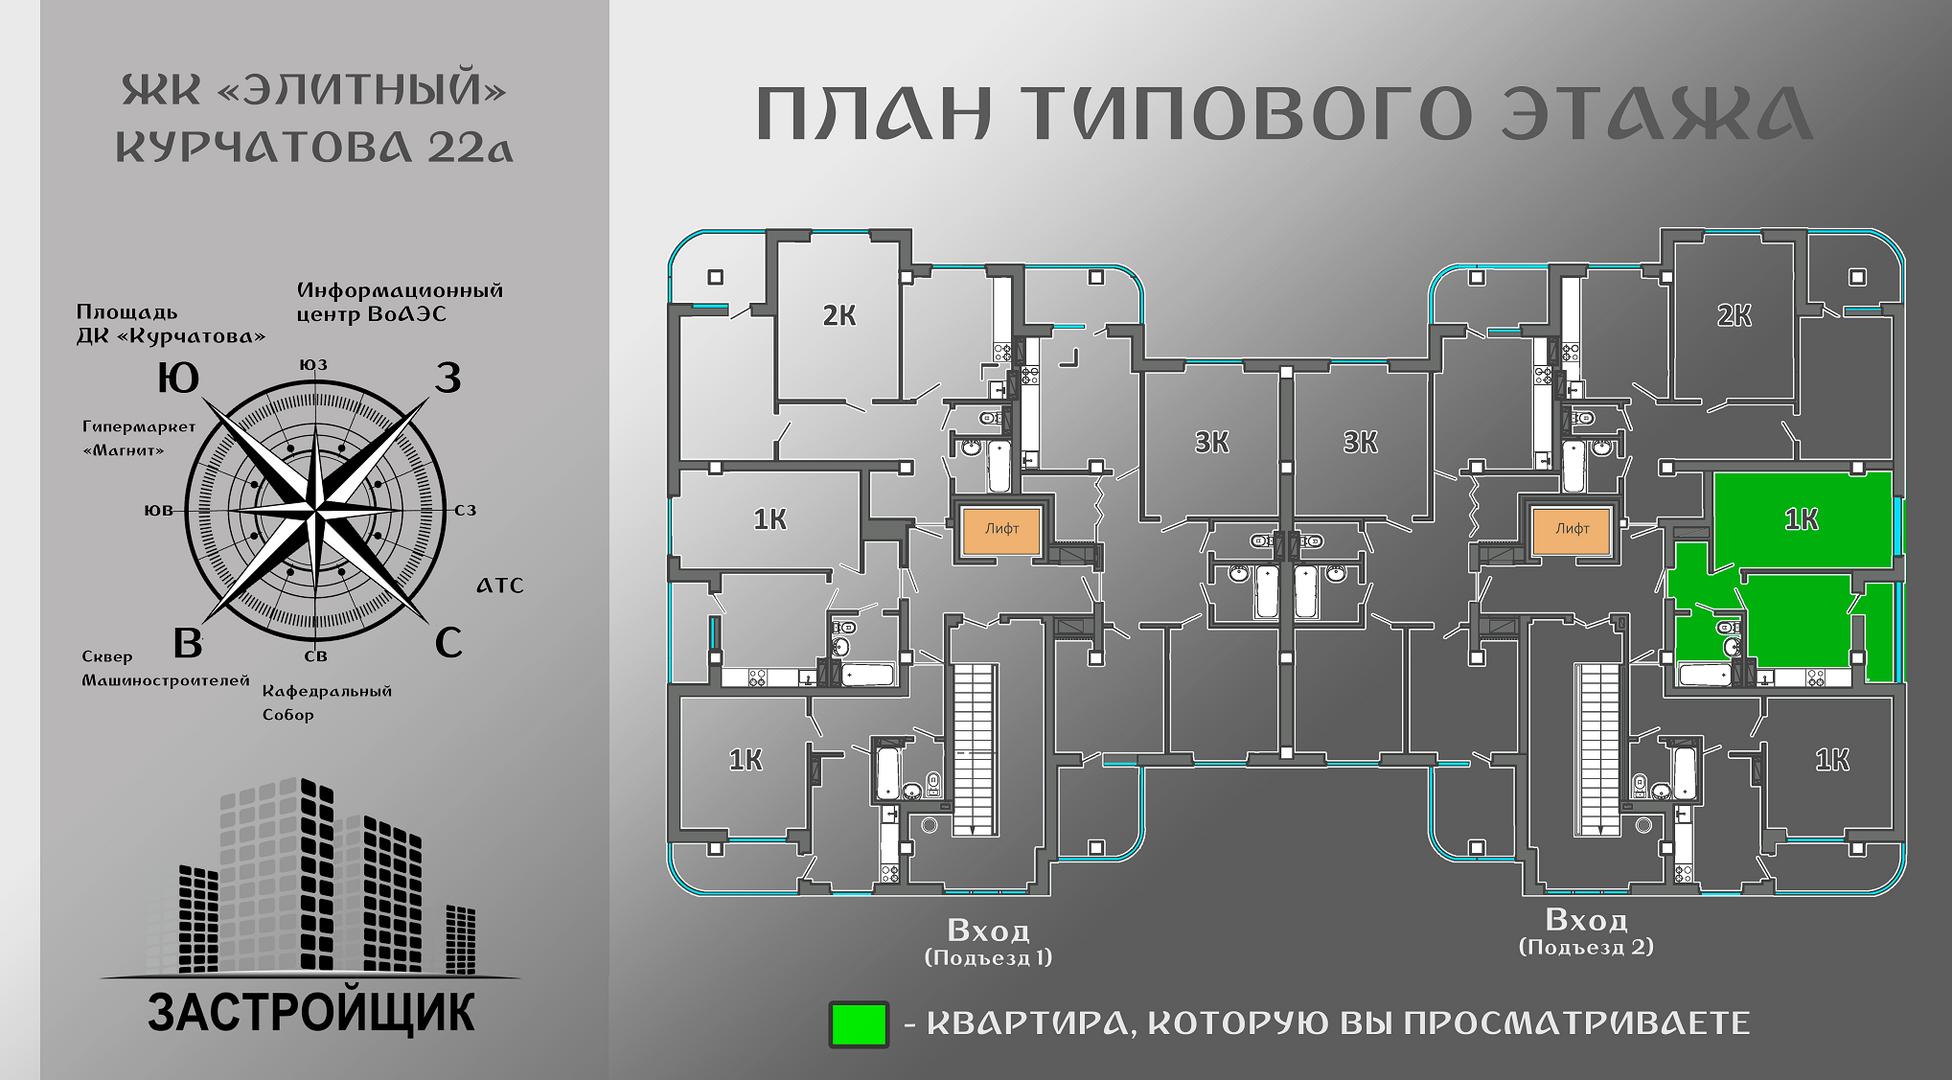 1к прав центр Планировка общаяя.png